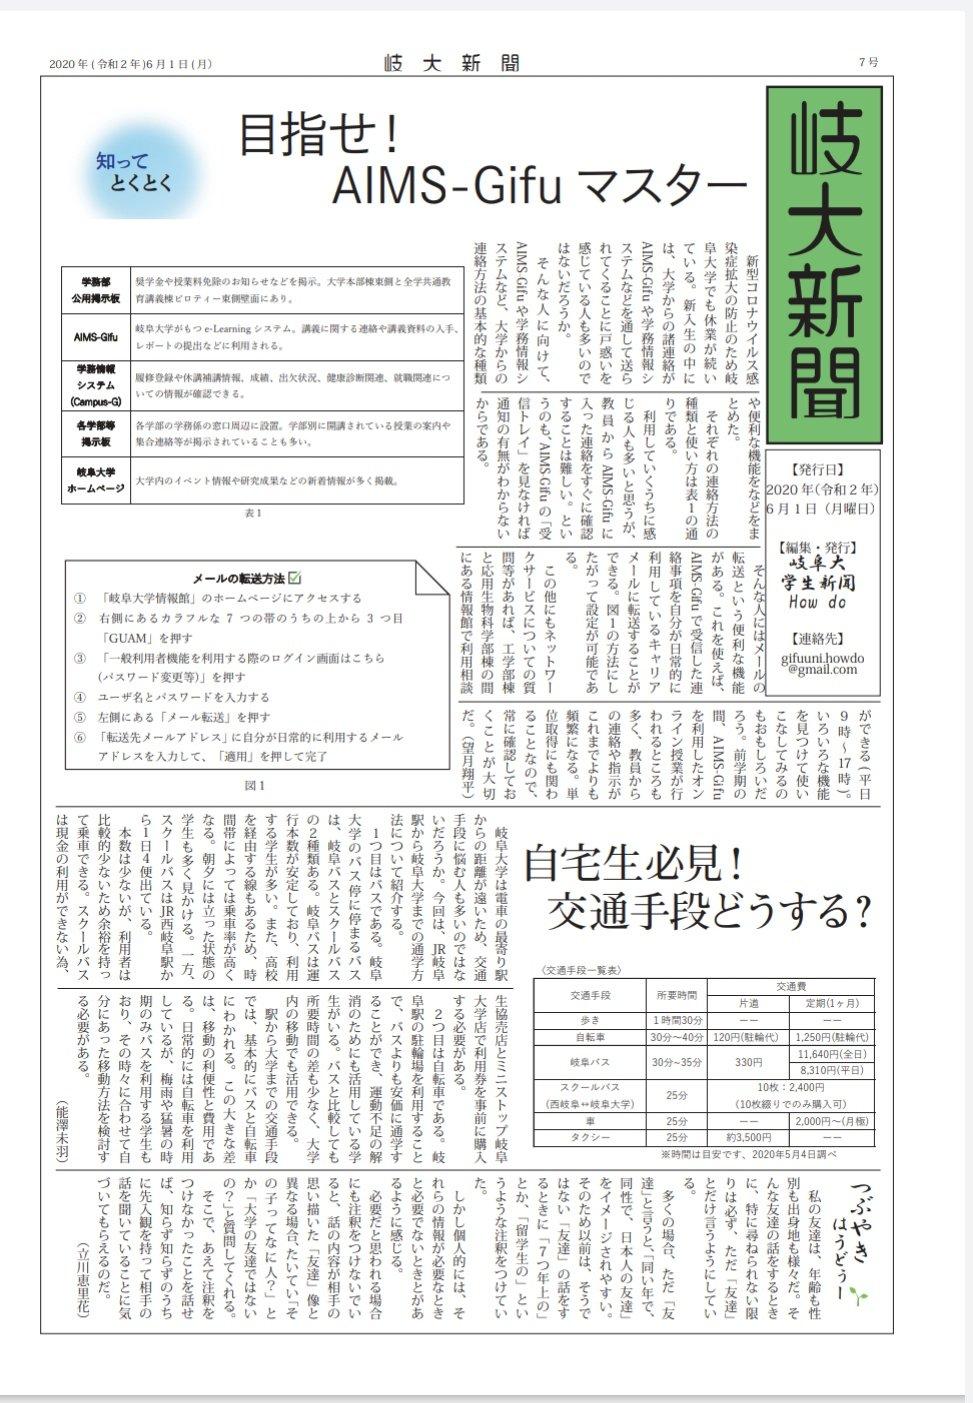 大学 エイムズ 岐阜